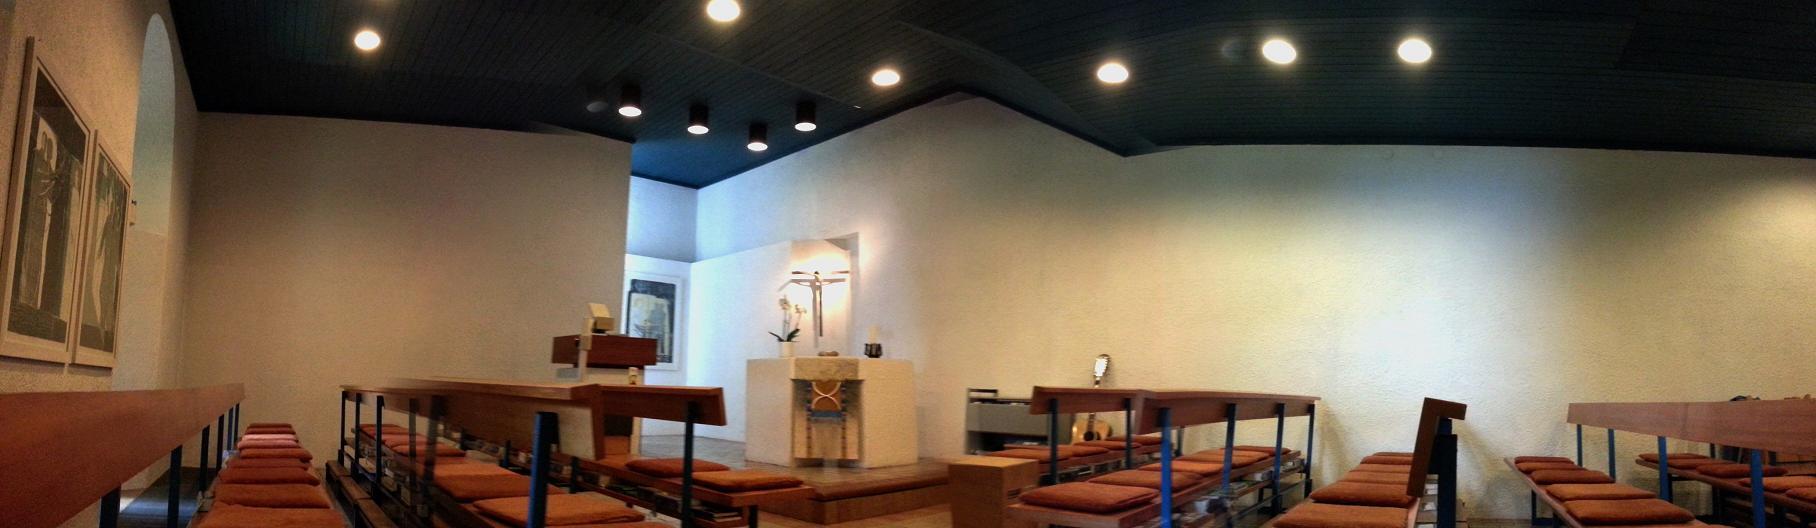 Kapelle des Schlosses für Gottesdienste und Andachten